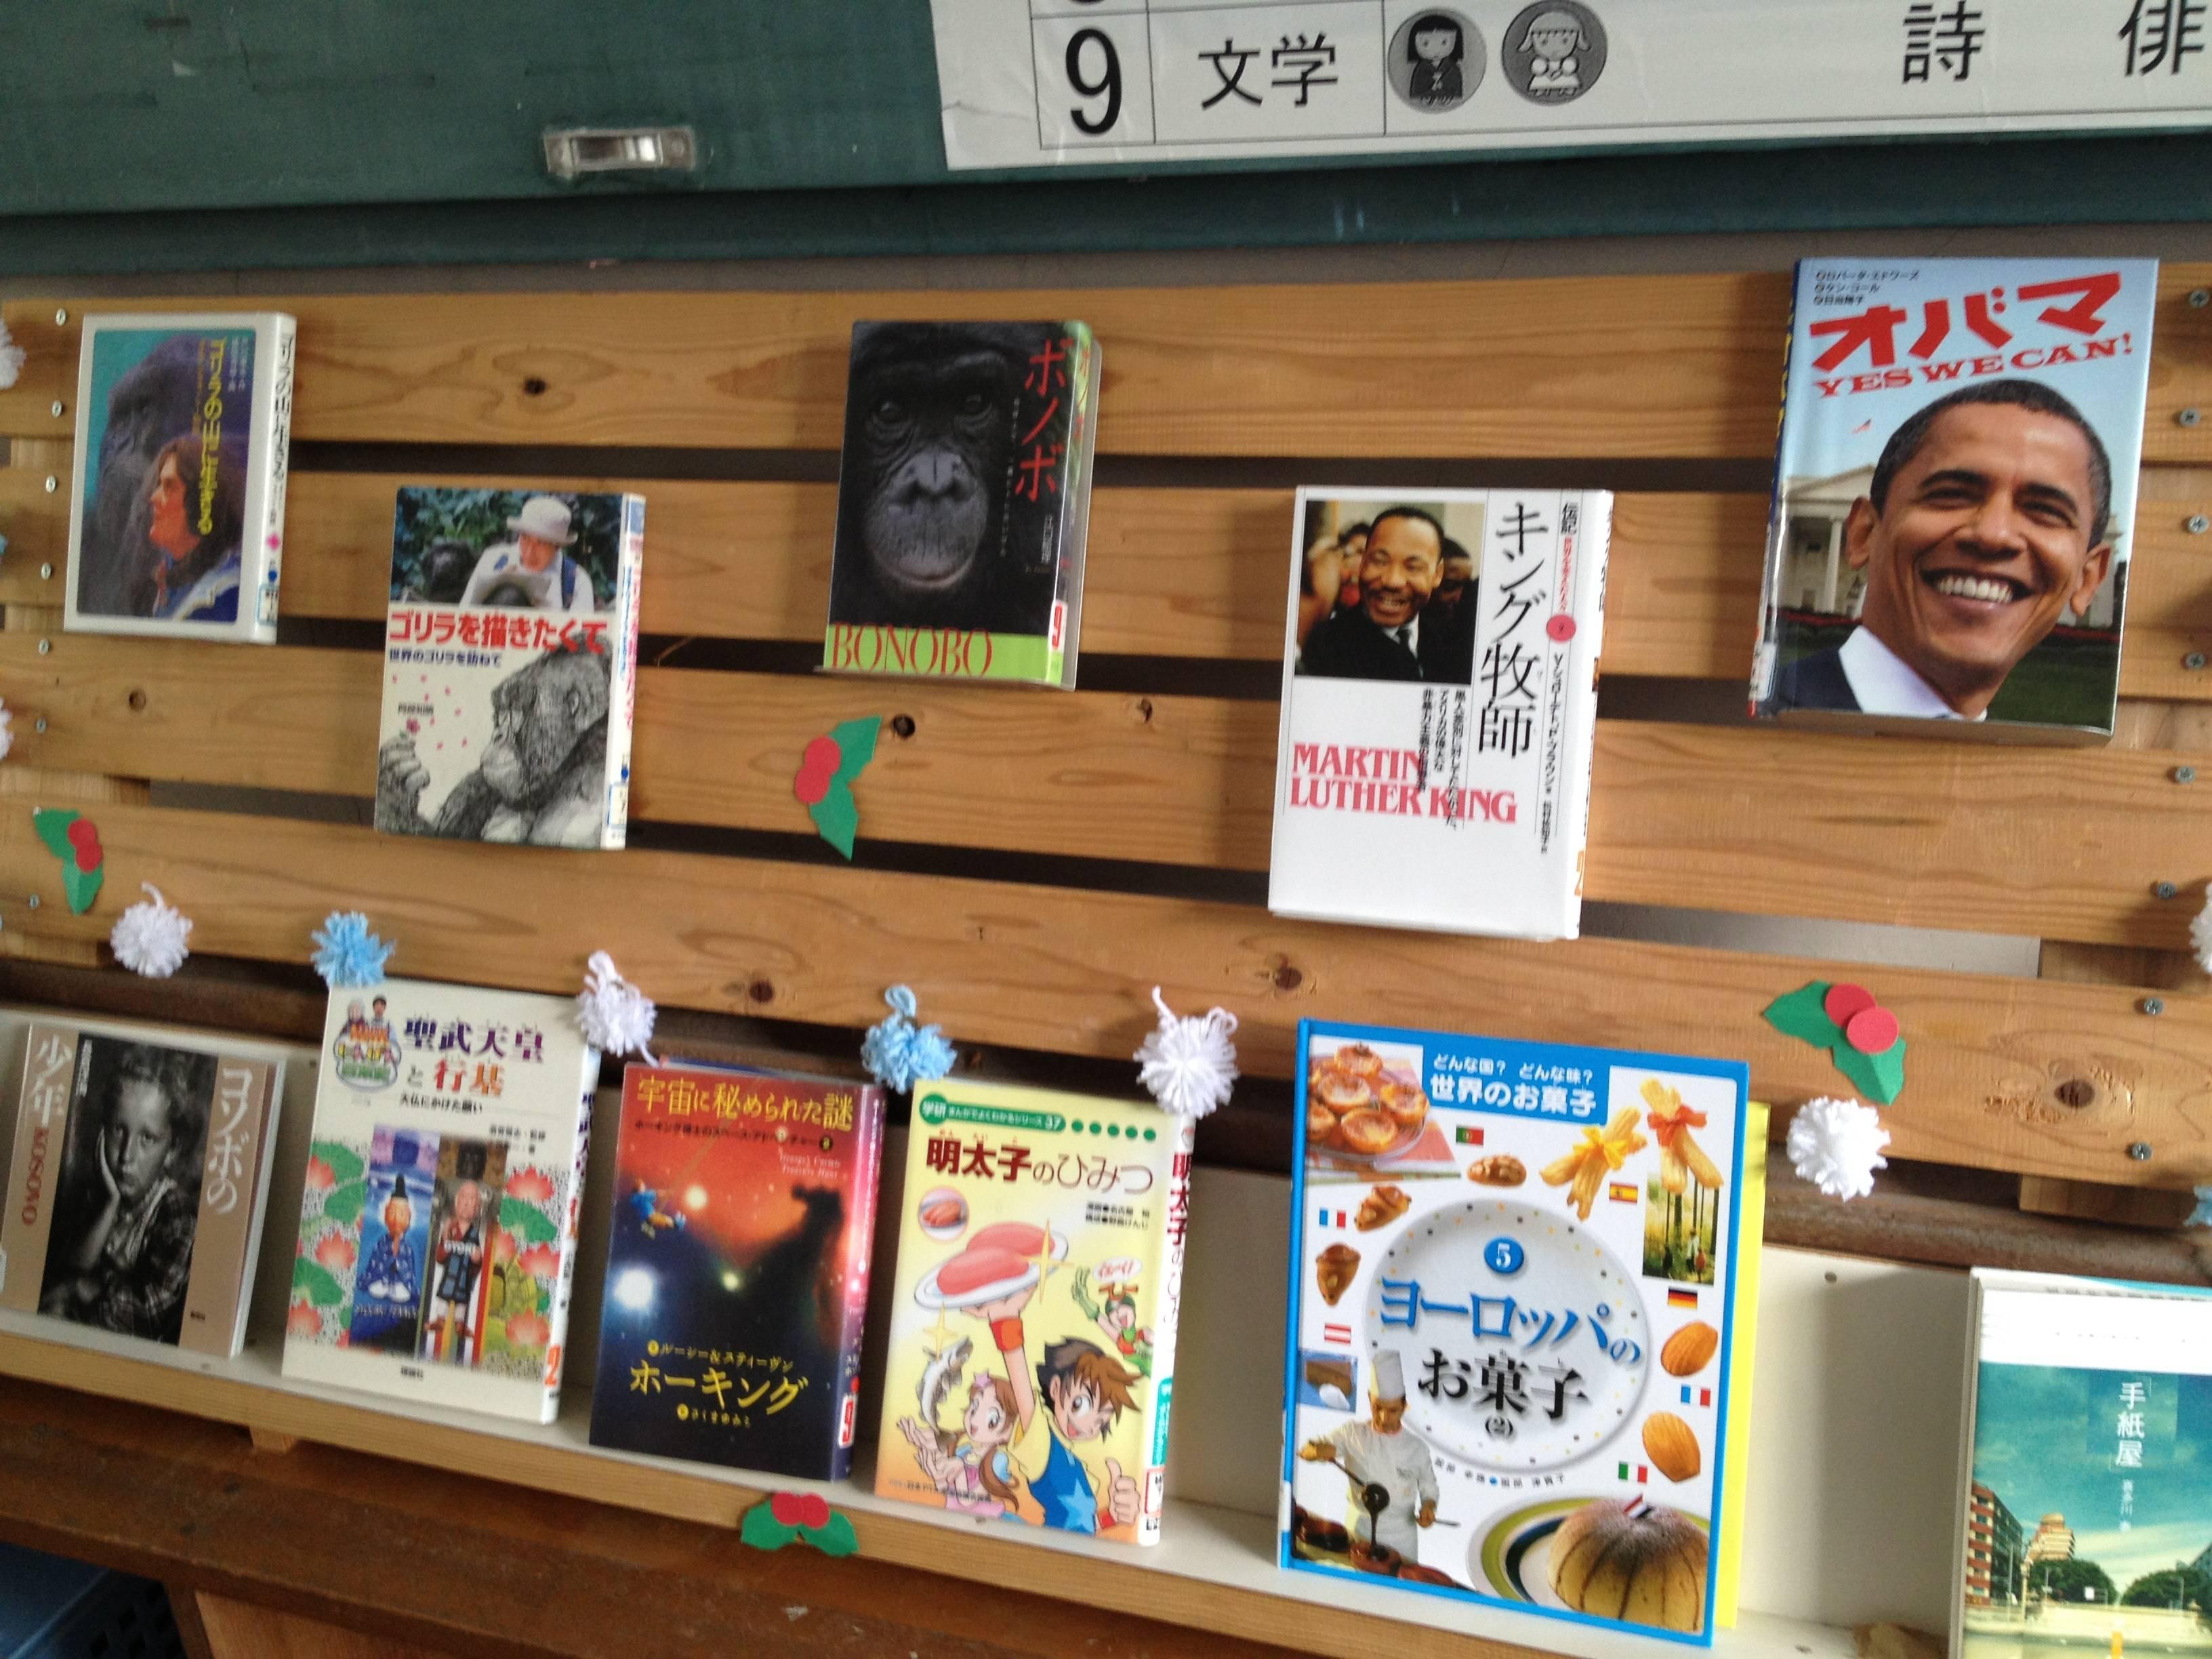 海外「マジかよ!?日本の学校図書館でキング牧師やオバマと、ゴリラの本を並べて展示してあるんだが...」The 訪日外国人!|マグナム超語訳!